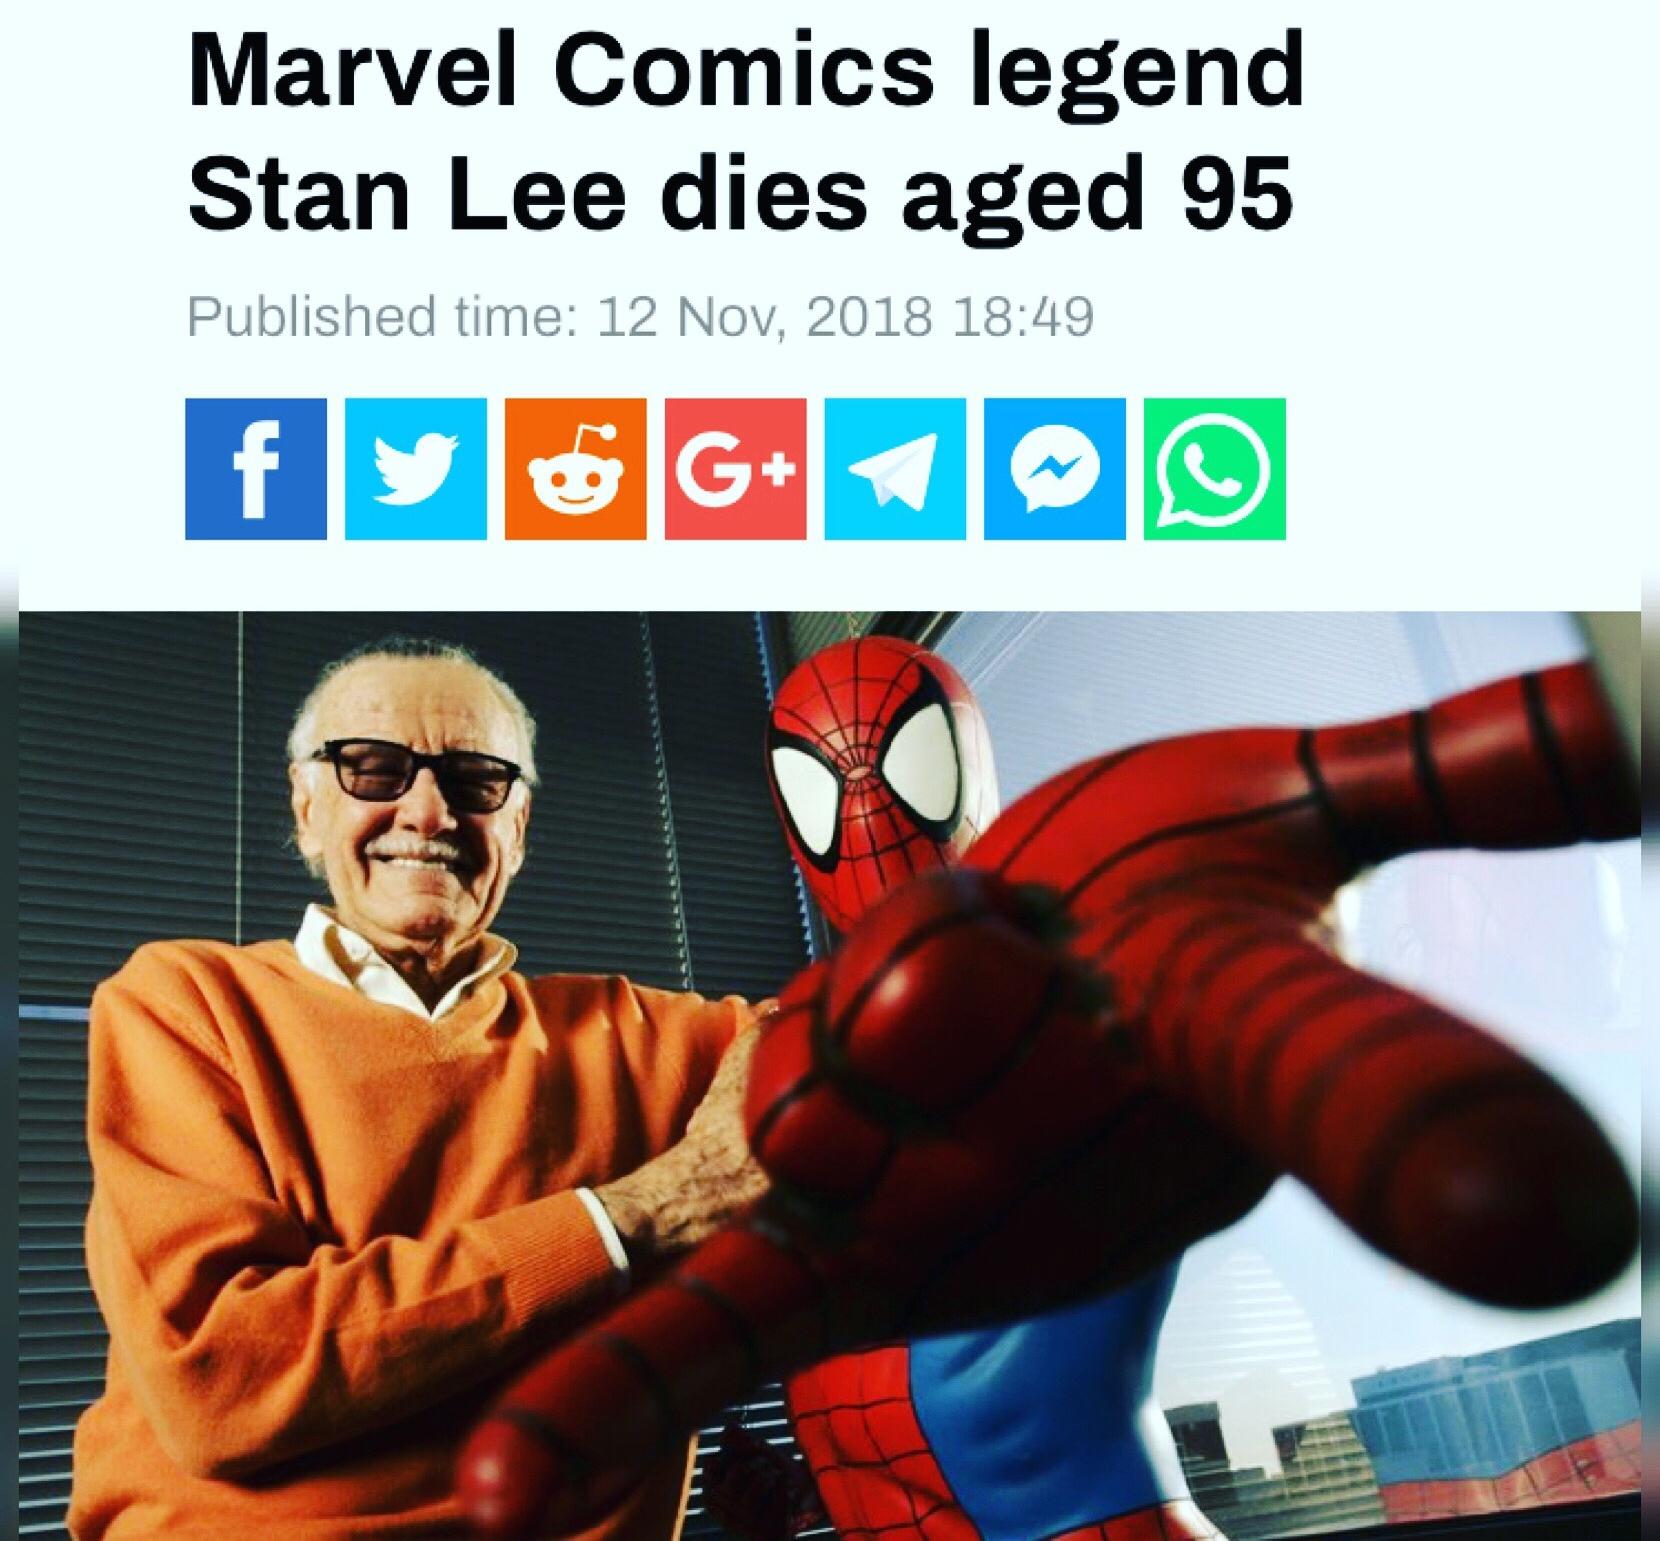 RIP: Stan Lee